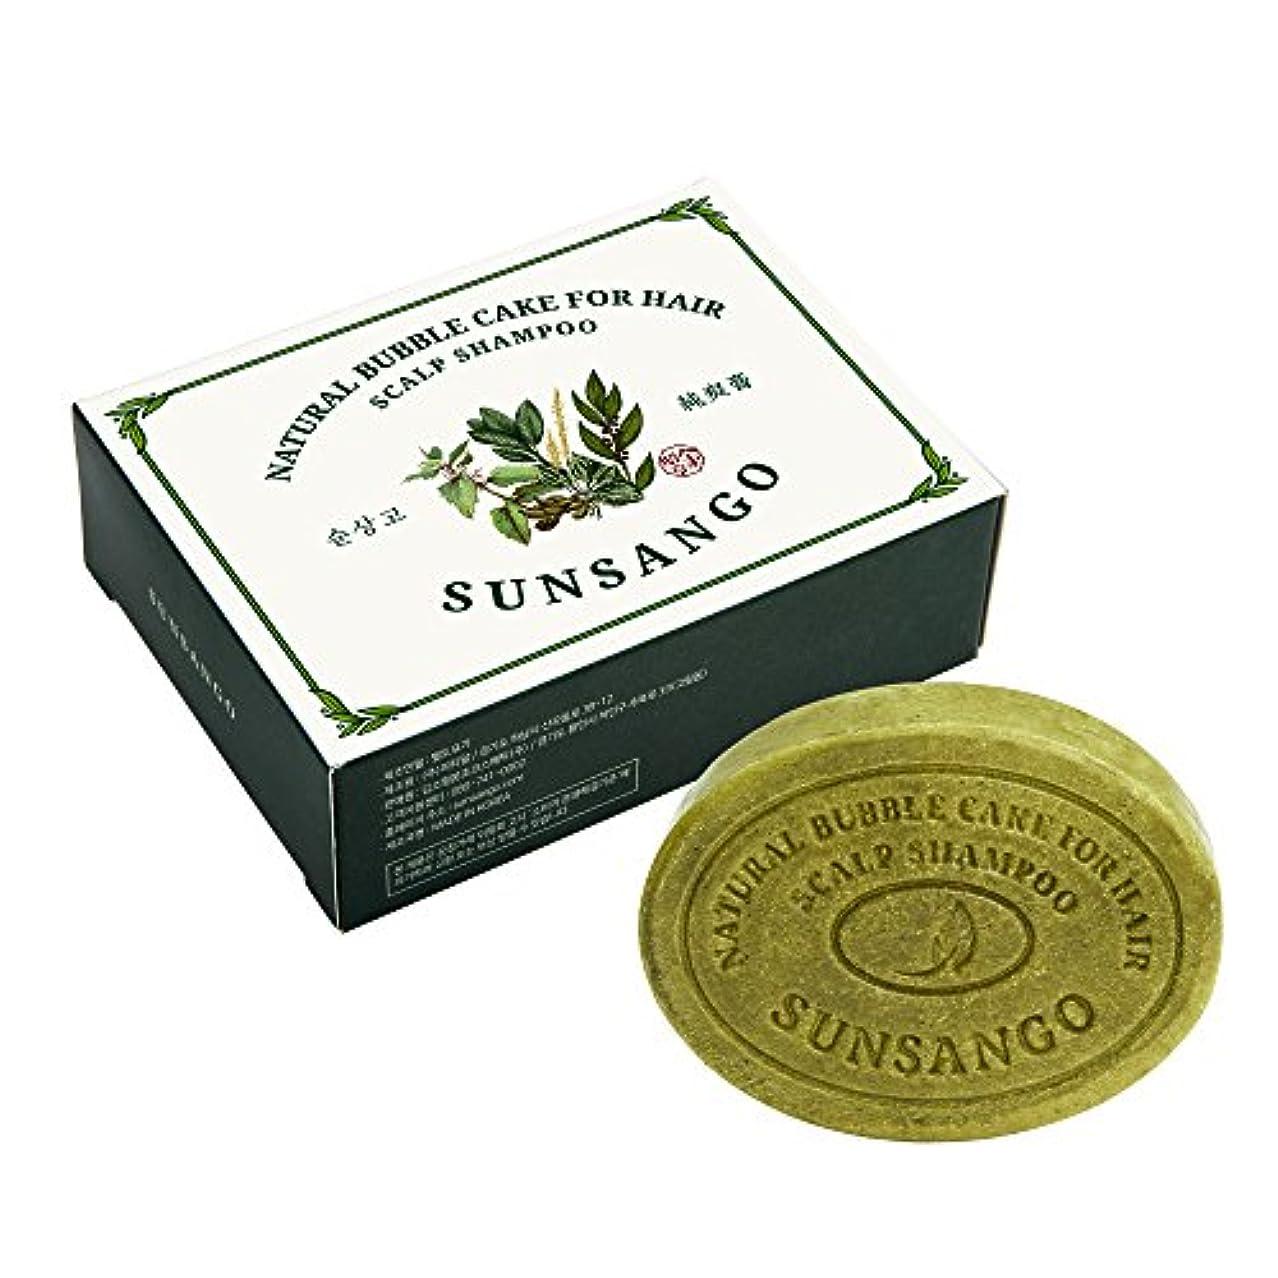 奪うチーズストレージSUNSANGO(スンサンゴ) 固形漢方シャンプー 80g